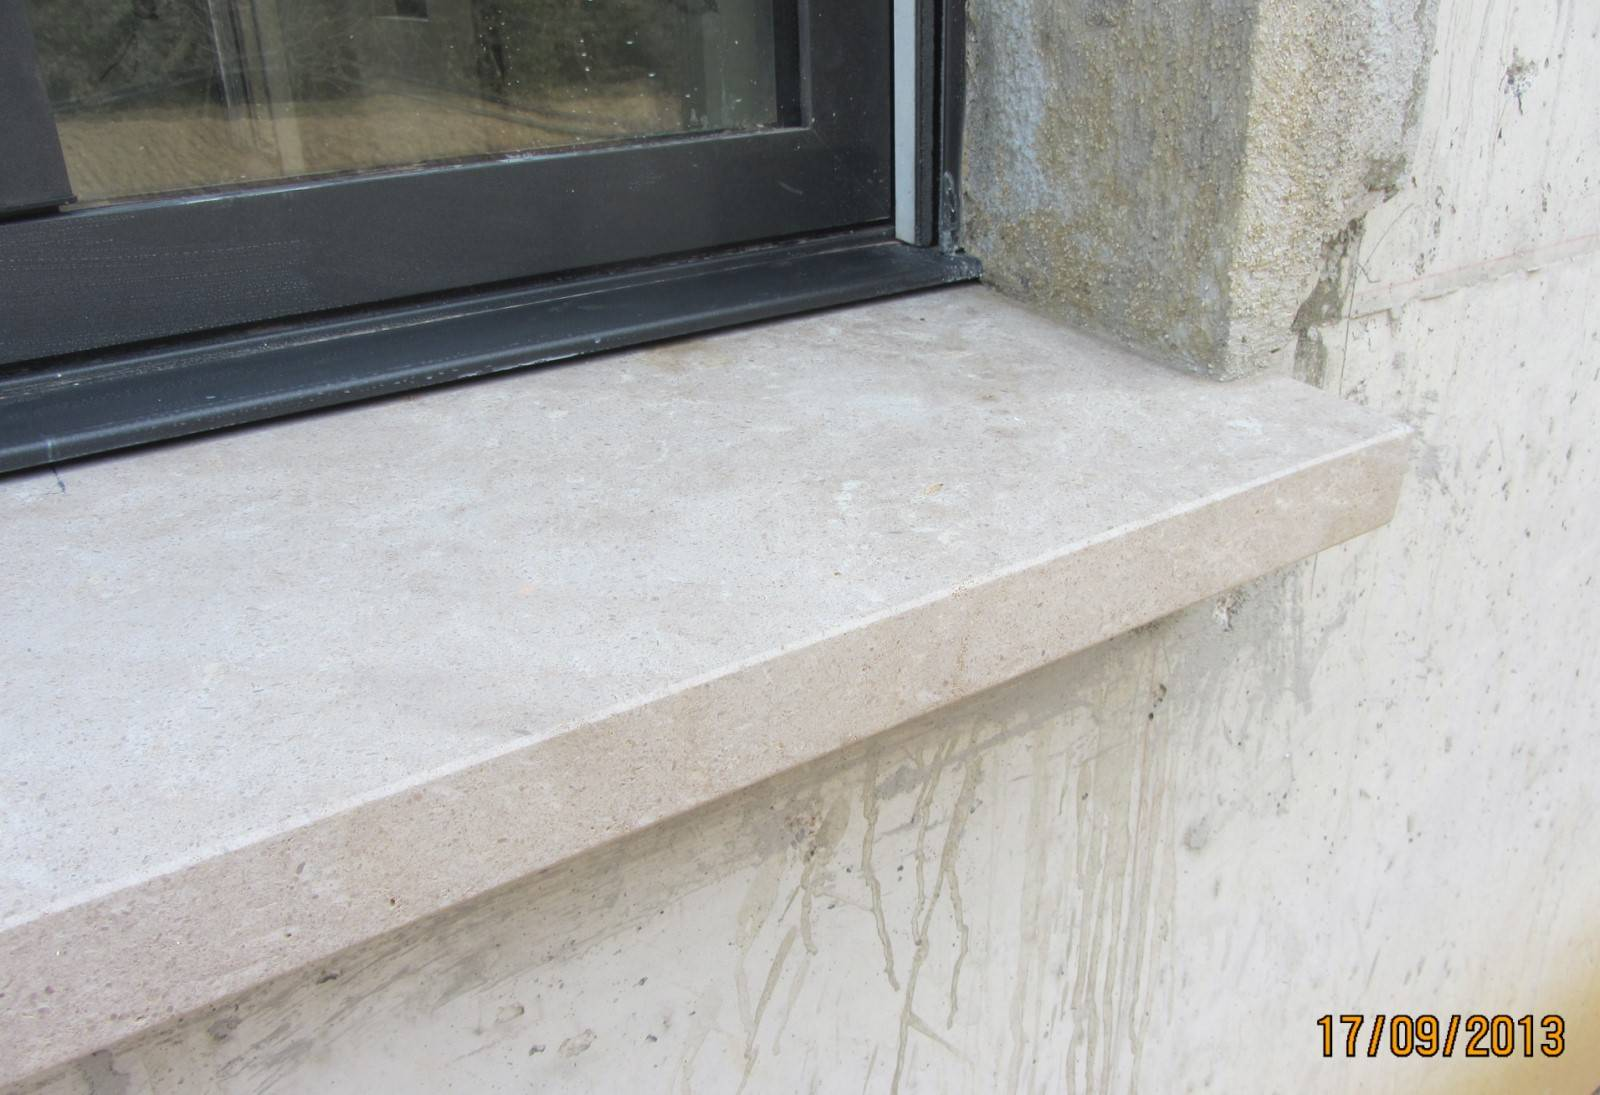 Bord De Fenetre Interieur seuil, appui de fenêtre en pierre naturelle, uzès gard 30